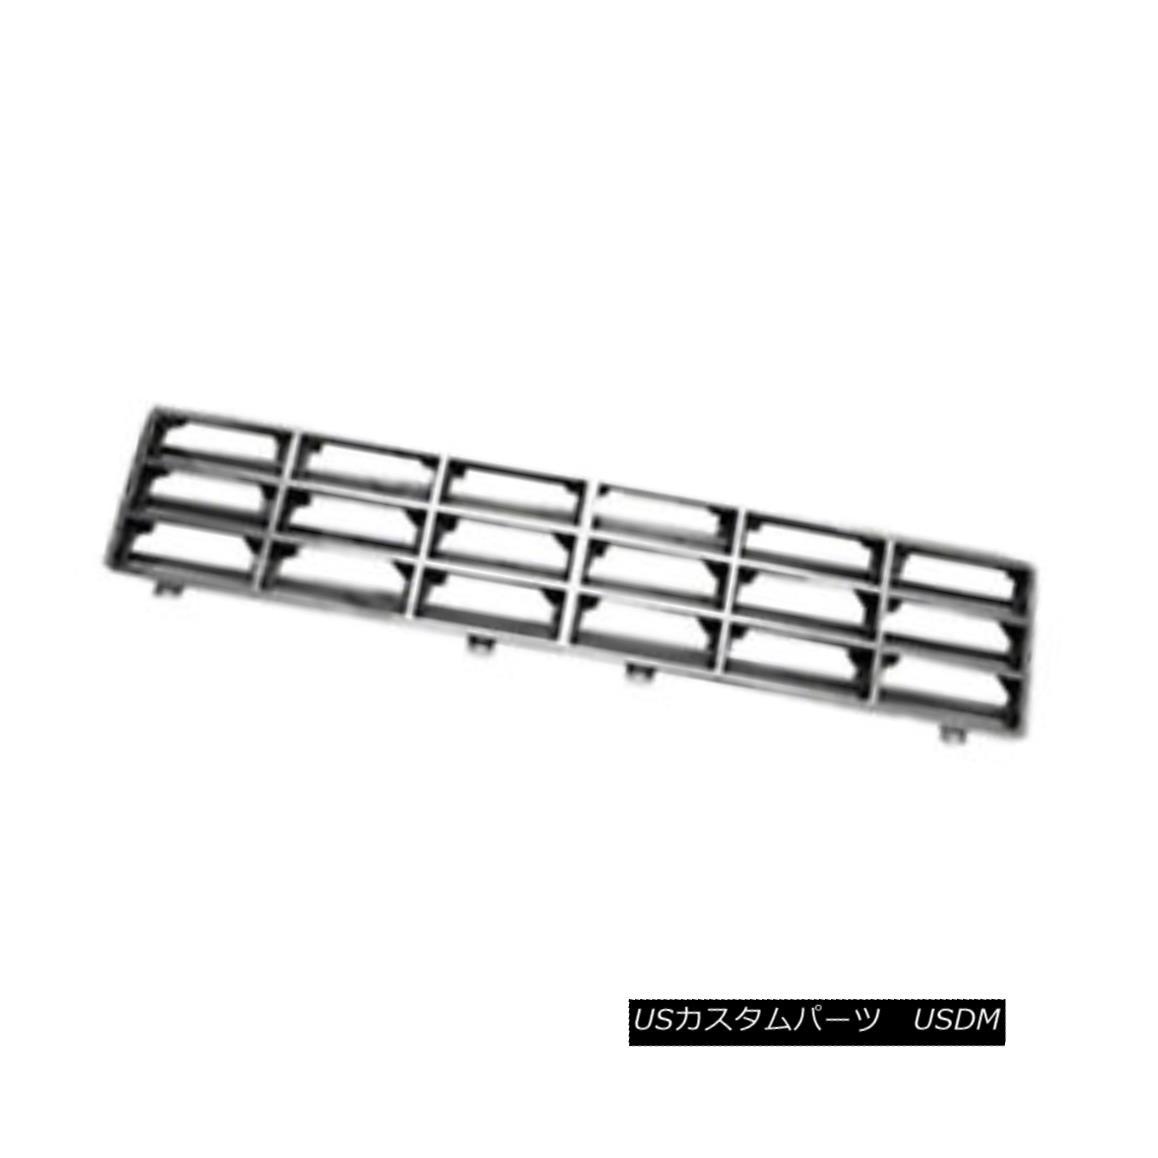 グリル New Replacement Front Grille Chrome & Silver 104-01383C 新しい交換用フロントグリルクローム& シルバー104-01383C